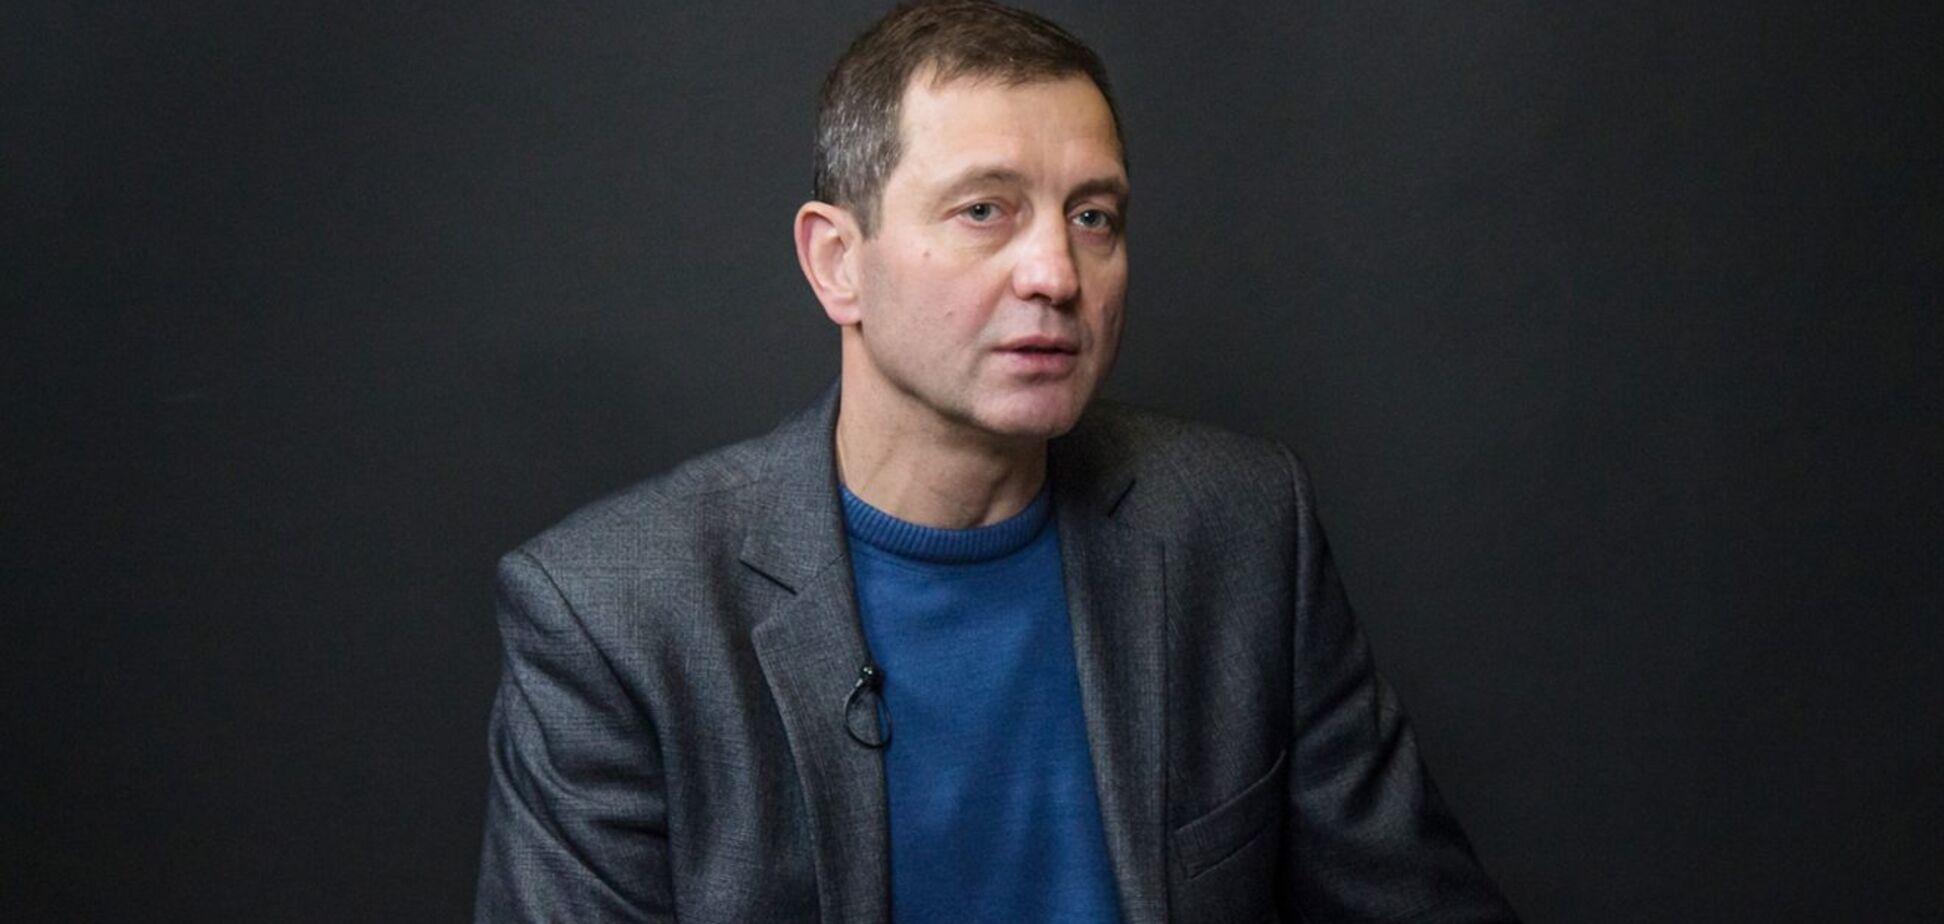 Ще до Януковича: експерт зробив заяву про холодну війну Росії проти України